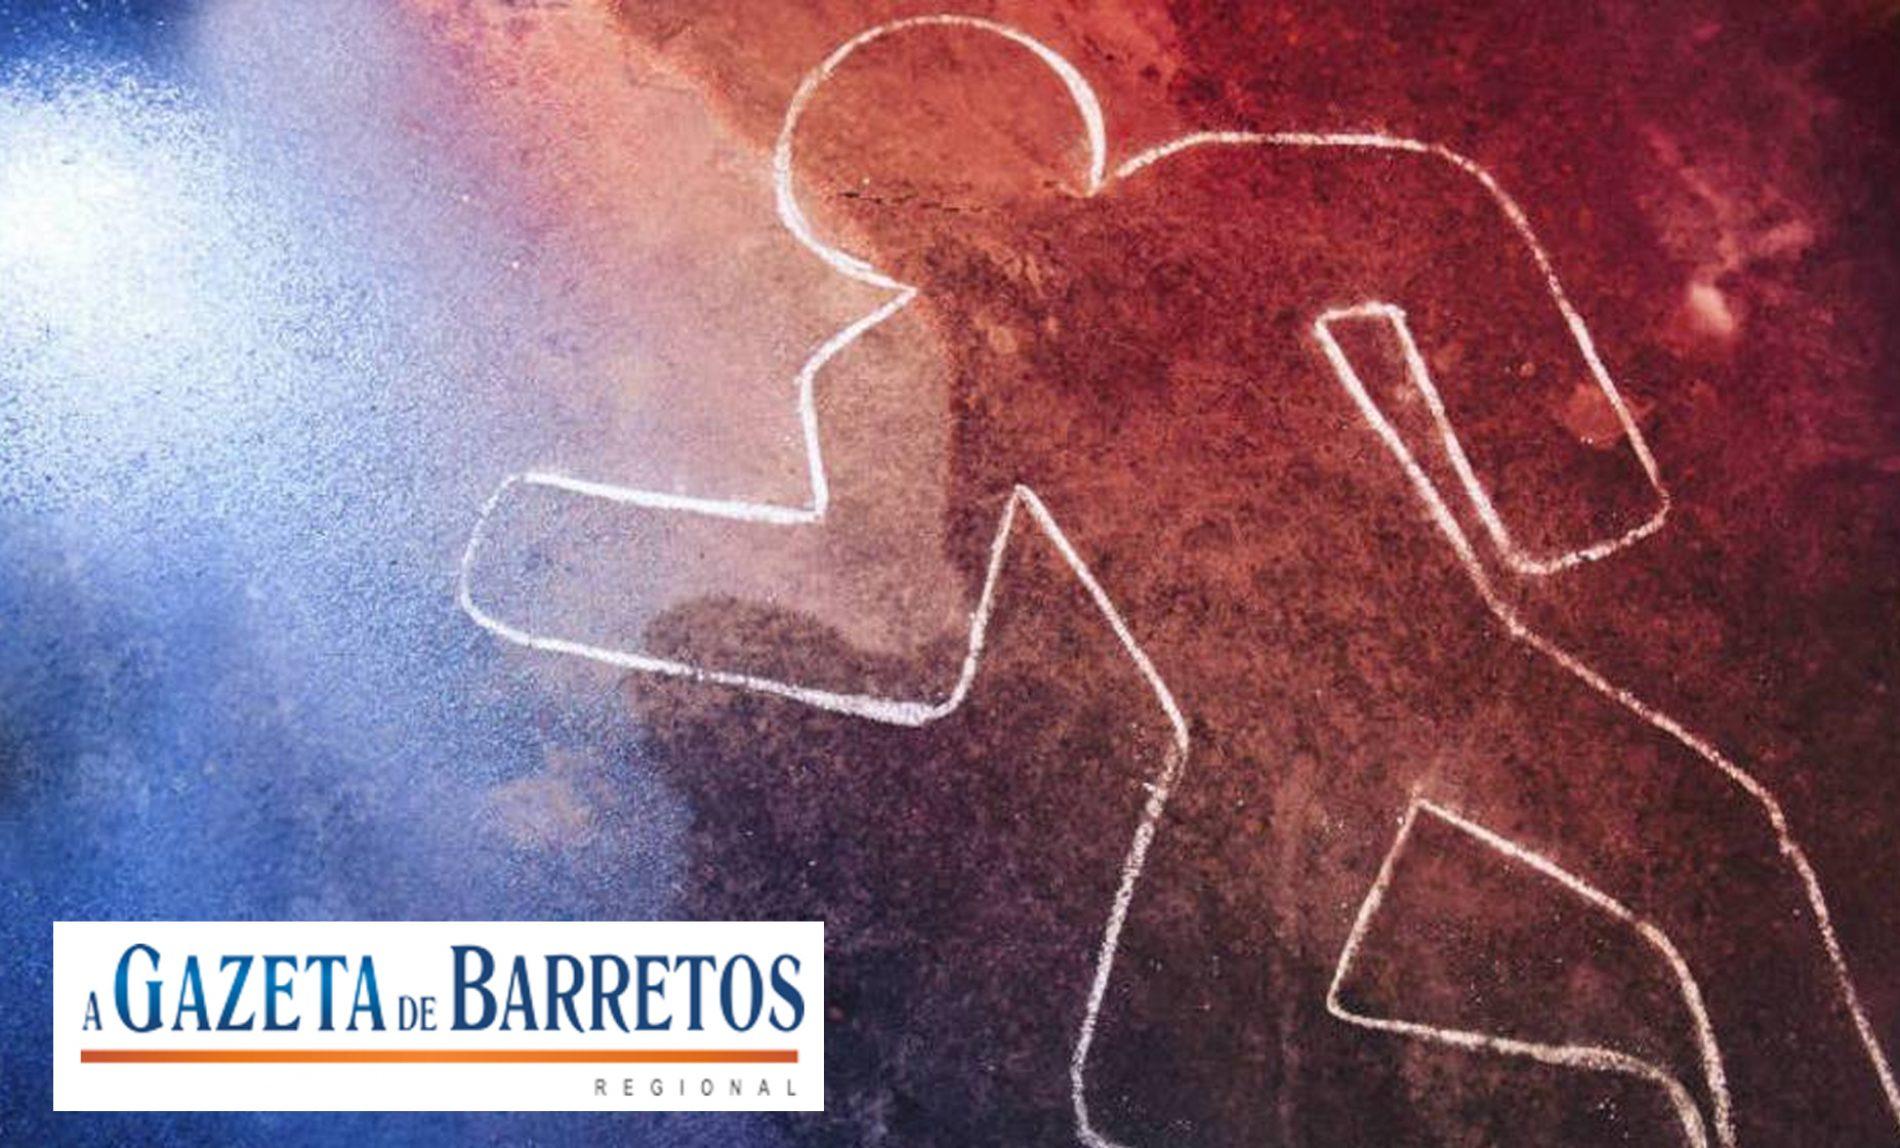 EXTORSÃO SEGUIDA DE SUICÍDIO: Filha alega que idoso encontrado sem vida estava sendo vítima de extorsão feita por casal